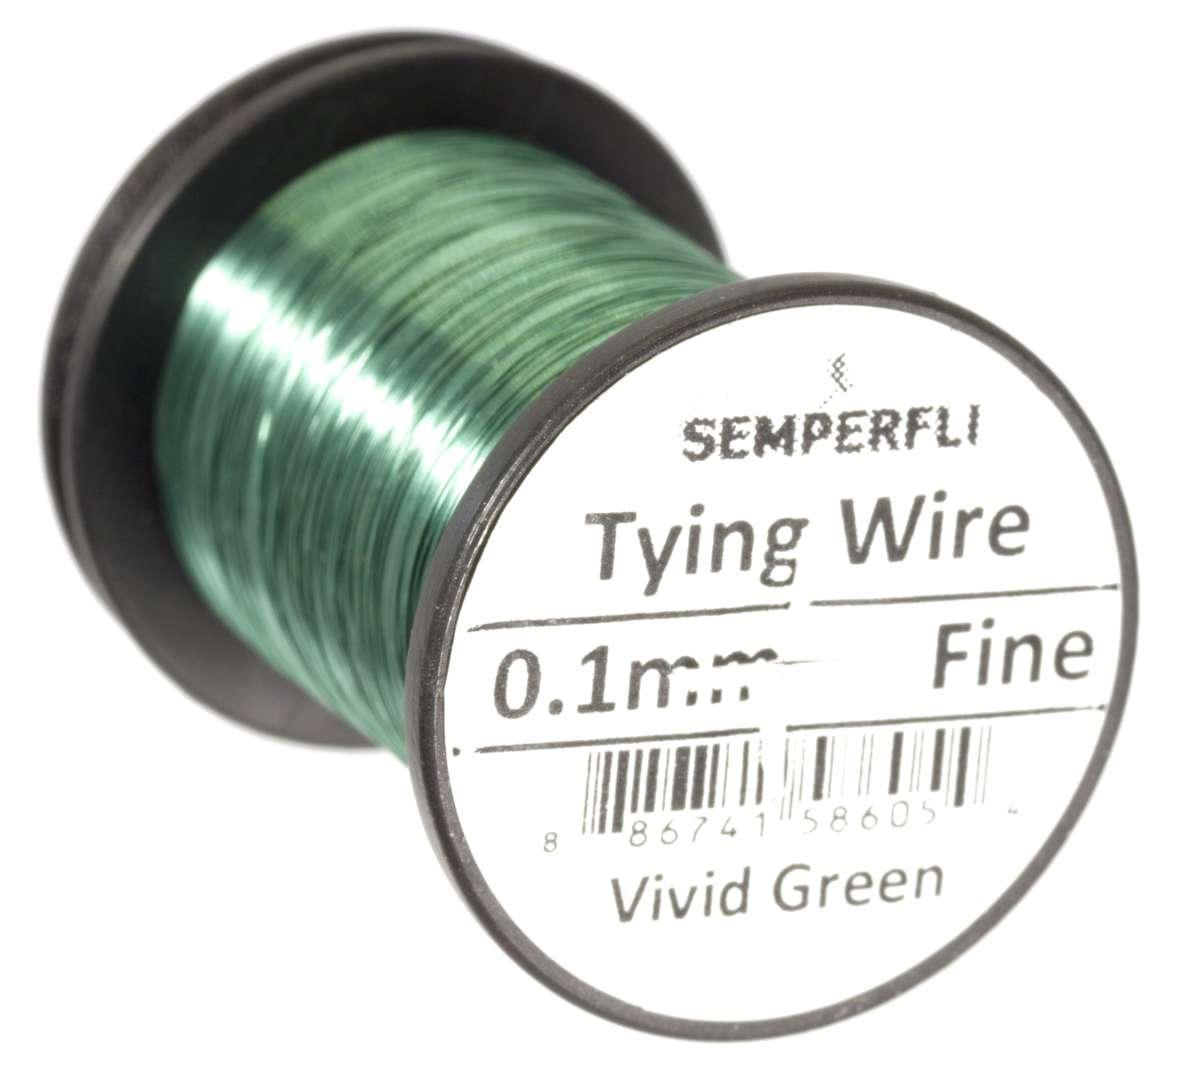 finewire vivid green